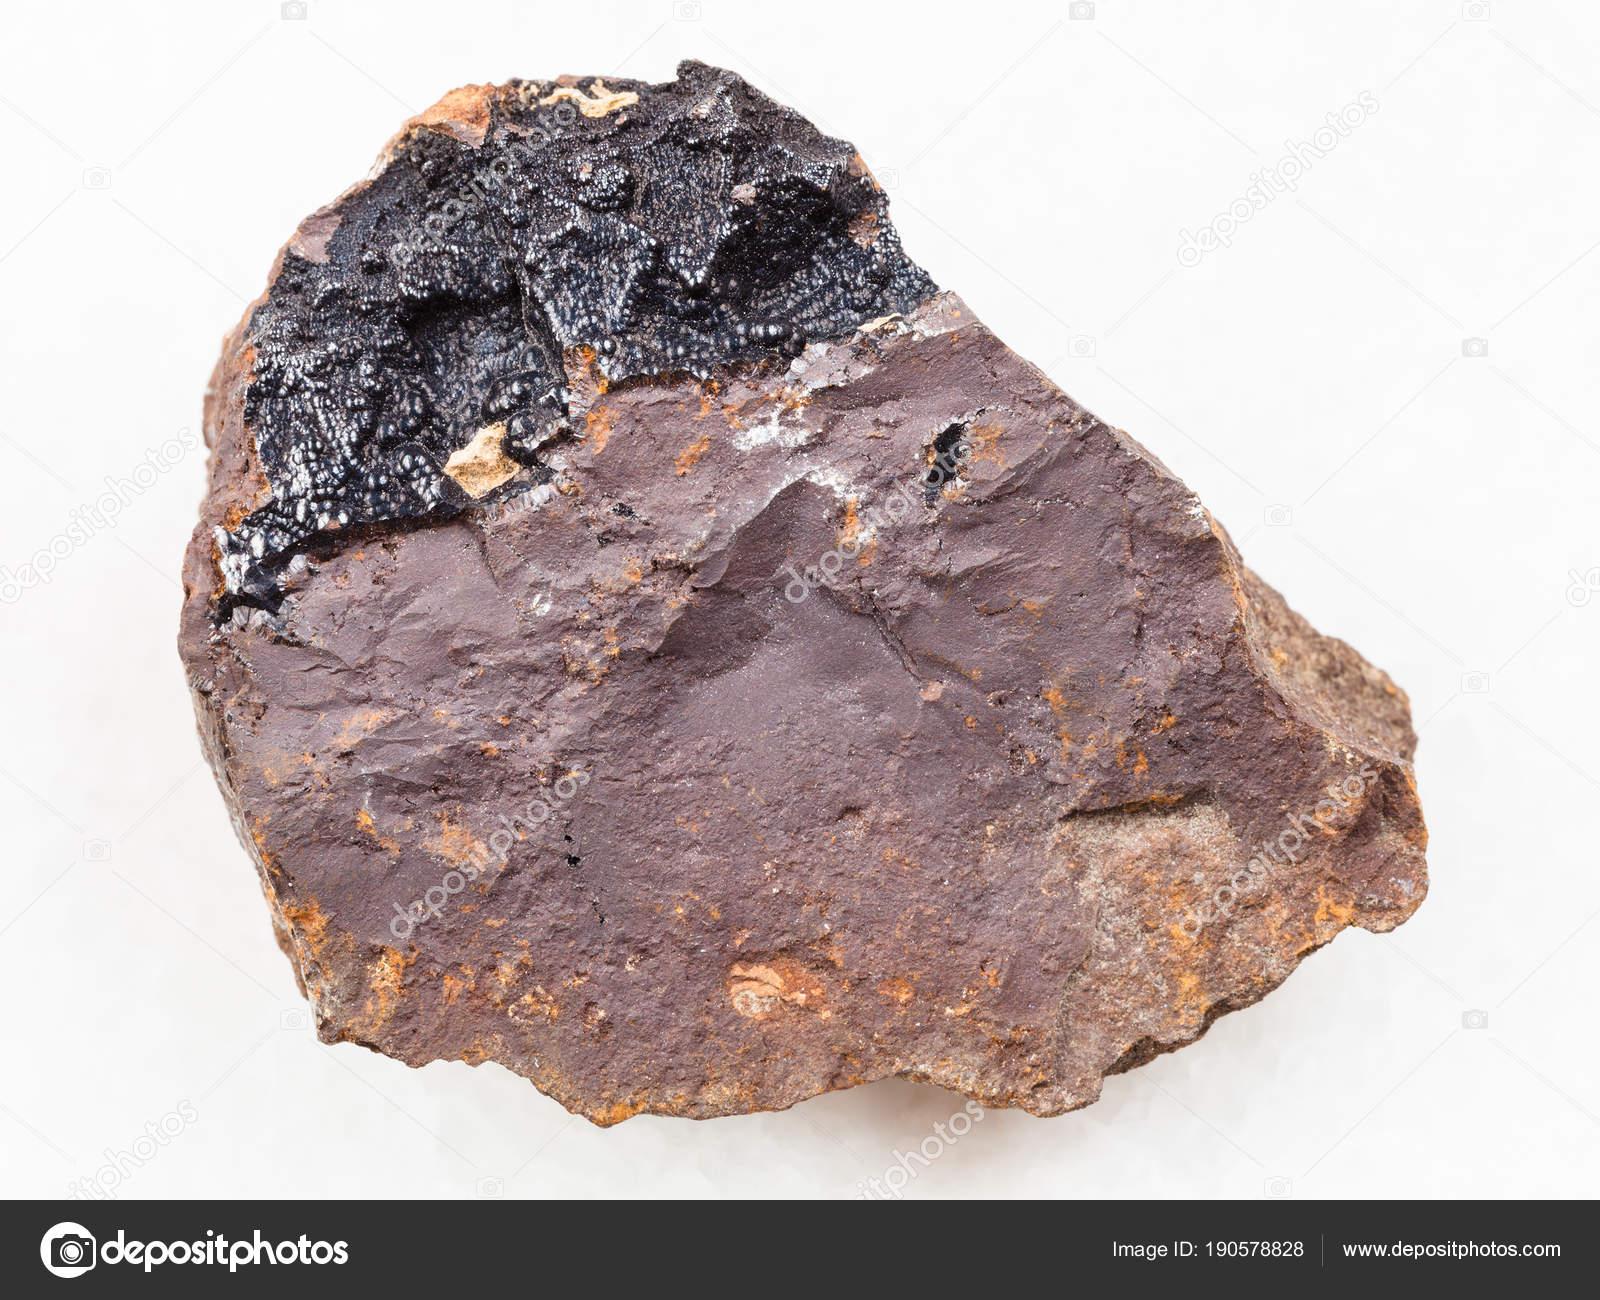 褐鉄鉱石の上に白のゲーサイト集...